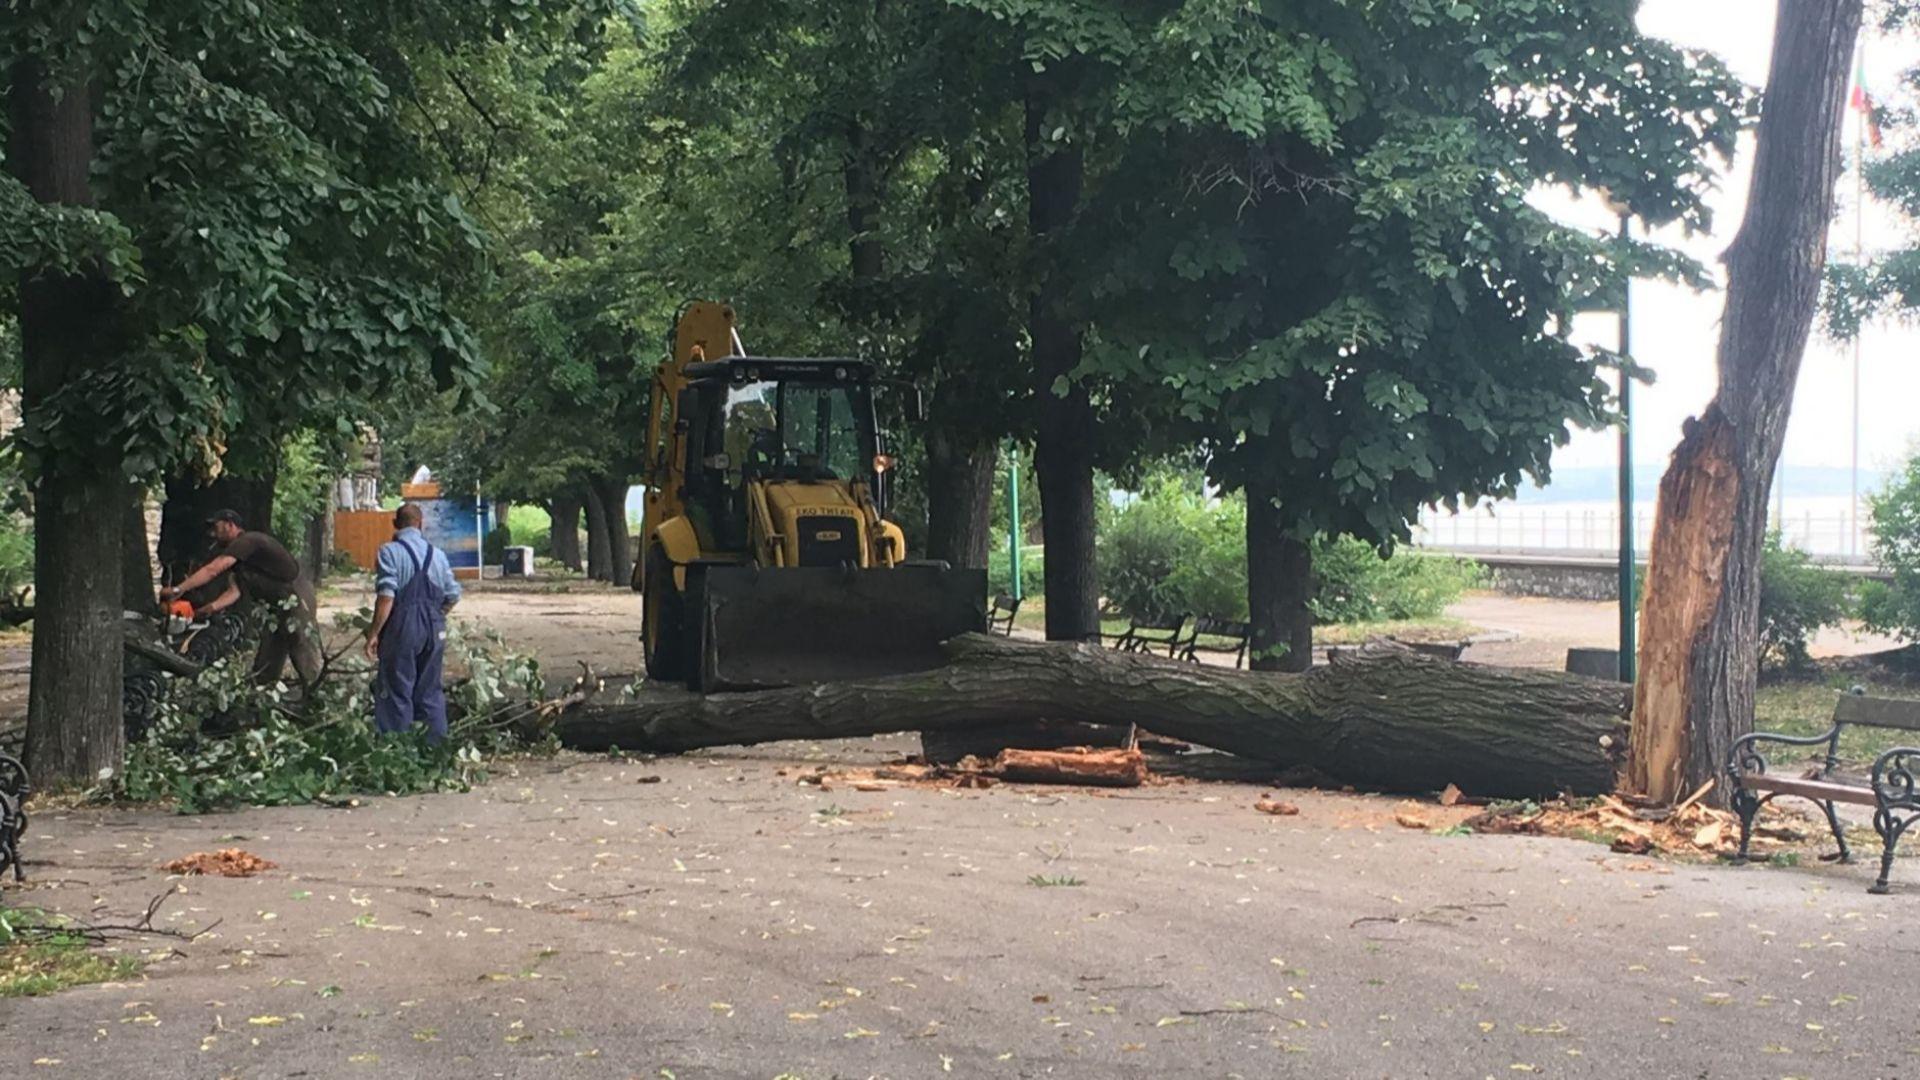 След проливния дъжд освен наводнените улици имаше и паднали дървета